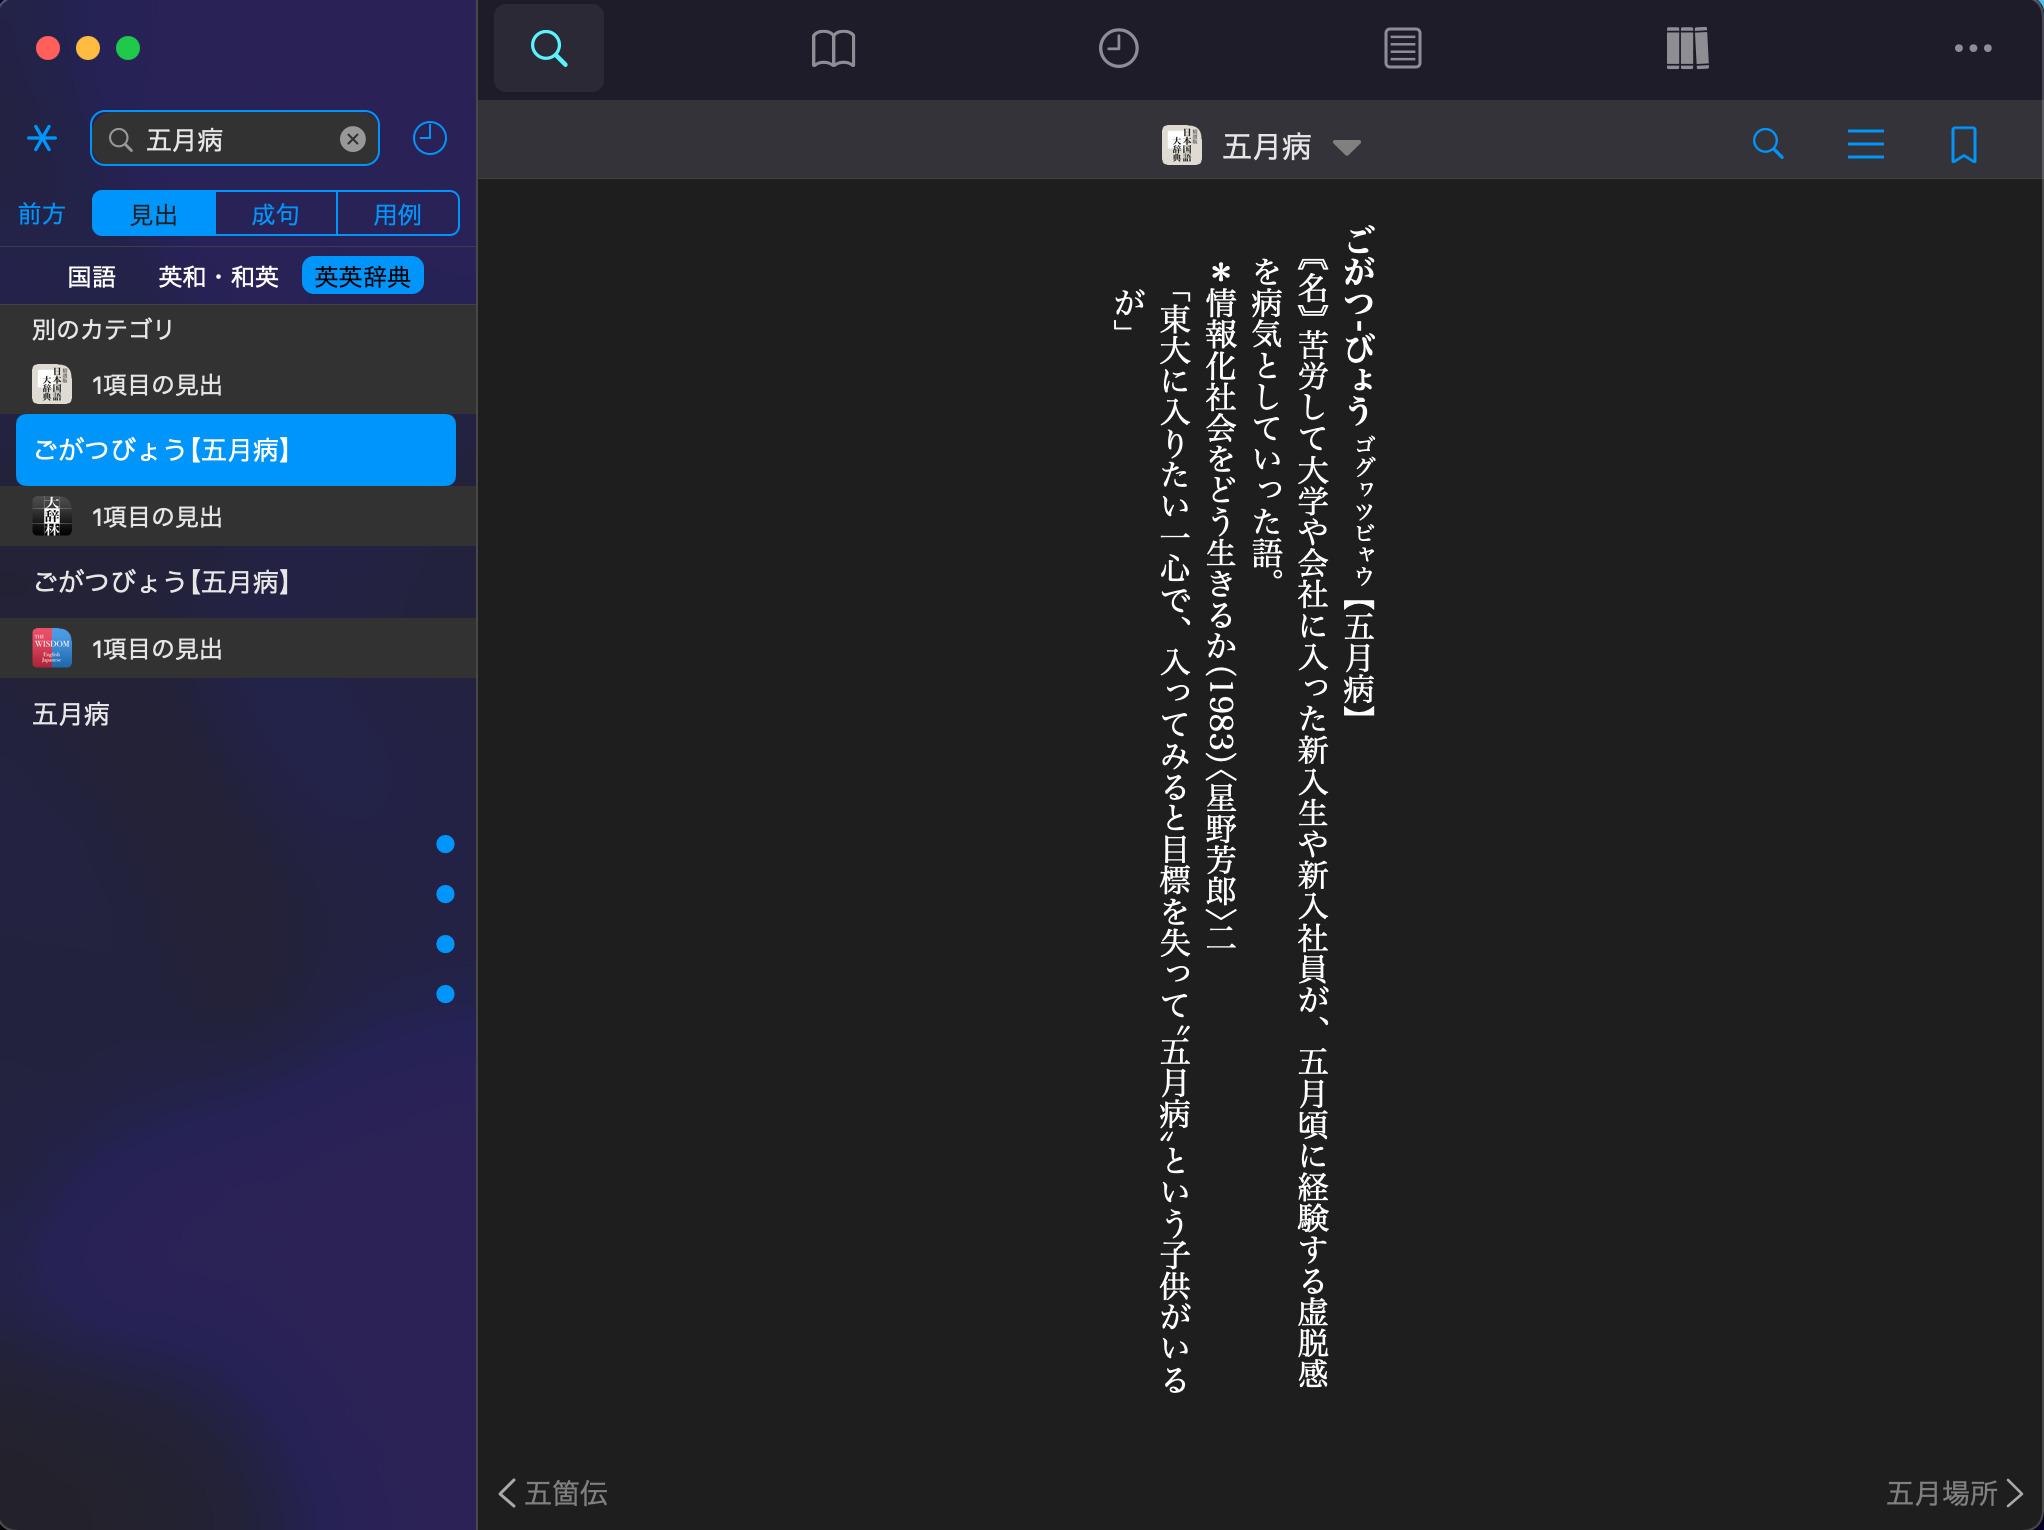 スクリーンショット 2021-05-05 23.19.55